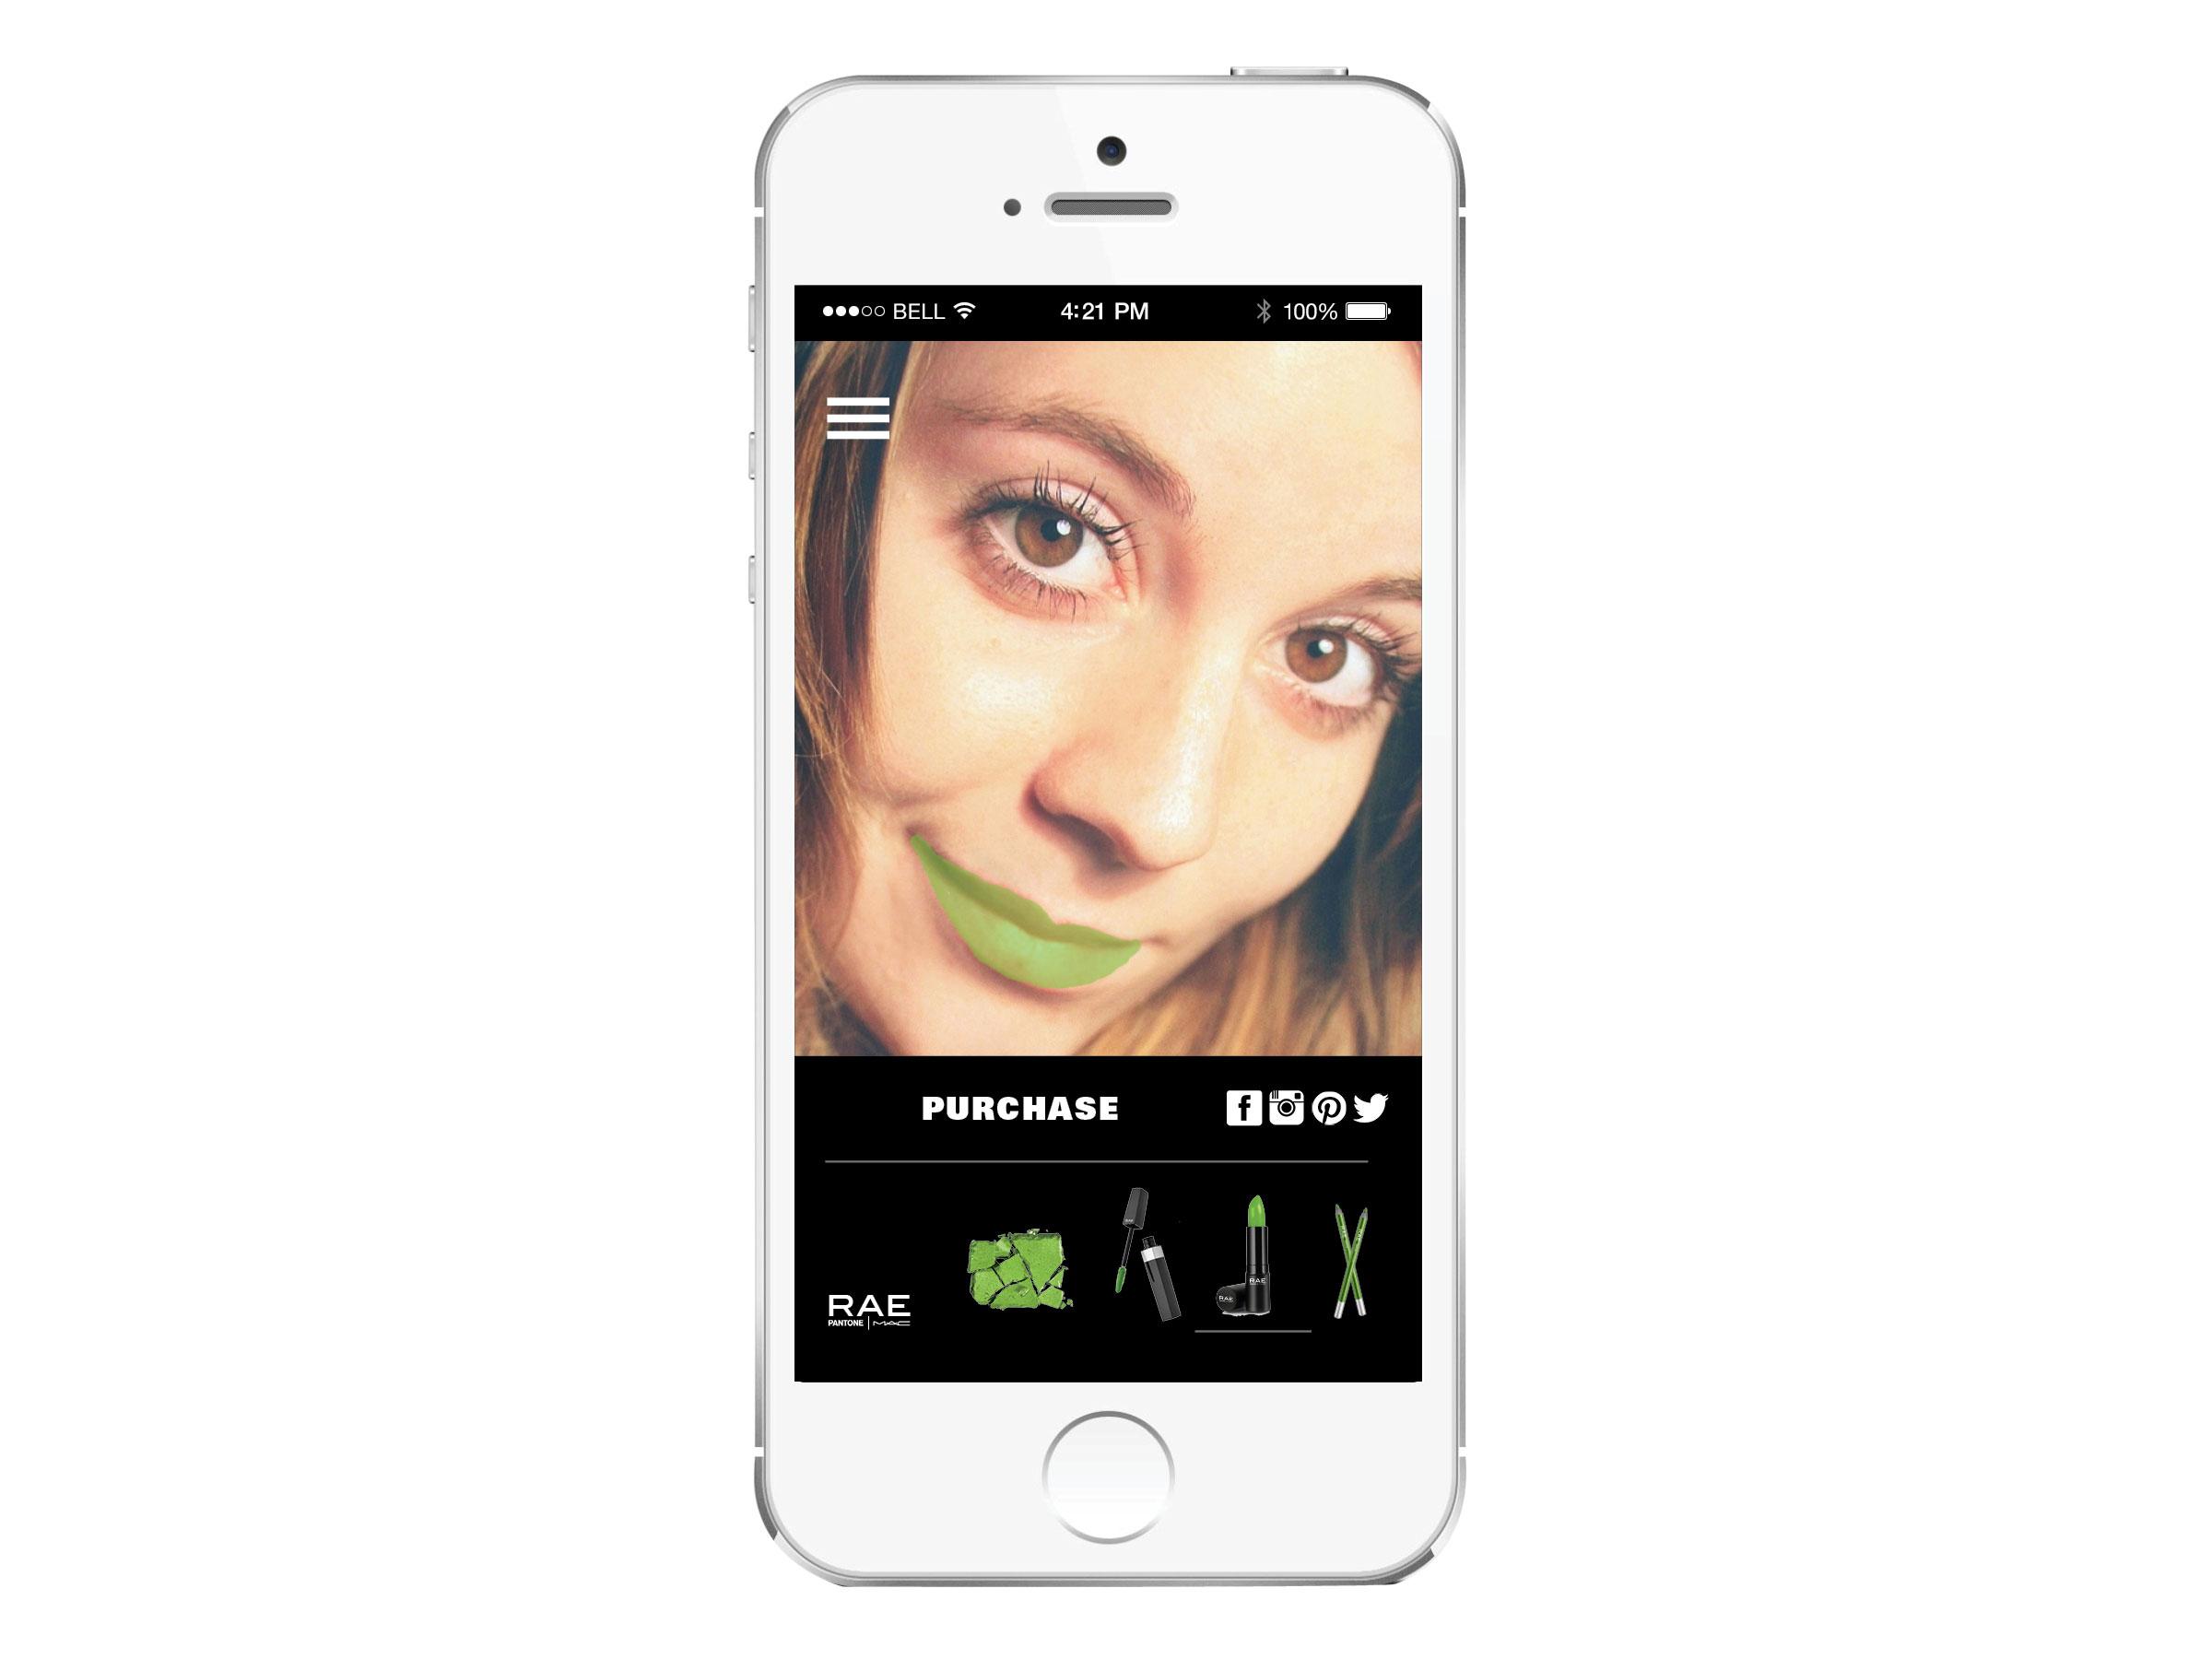 RAE_Phone_App7.jpg